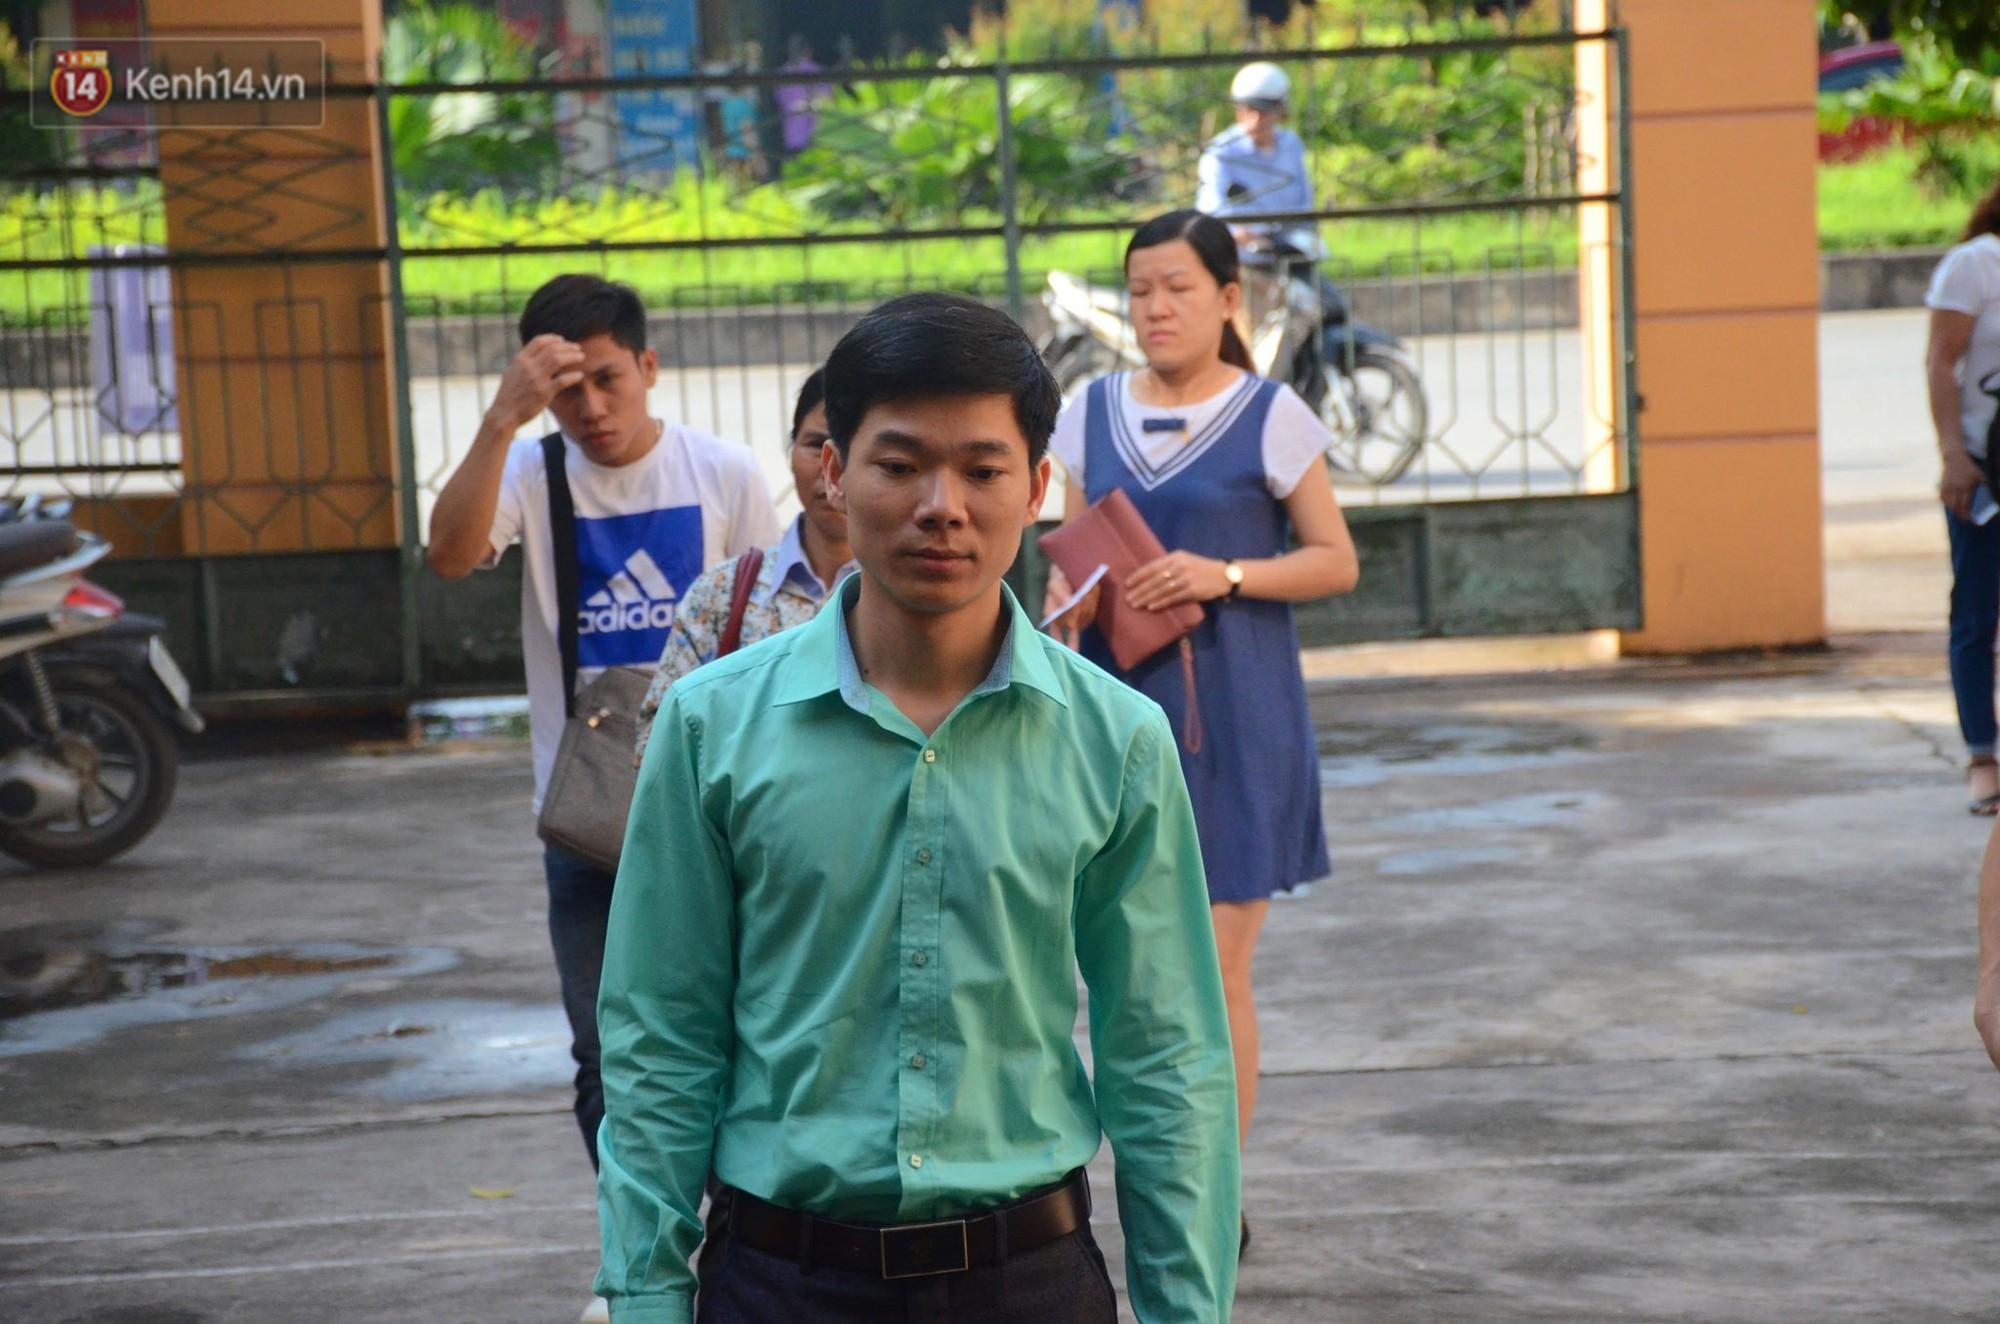 Điểm lại những tình tiết bất ngờ từ ngày đầu phiên xử bác sĩ Lương cho đến quyết định quay lại phần xét hỏi sau 10 ngày - Ảnh 8.